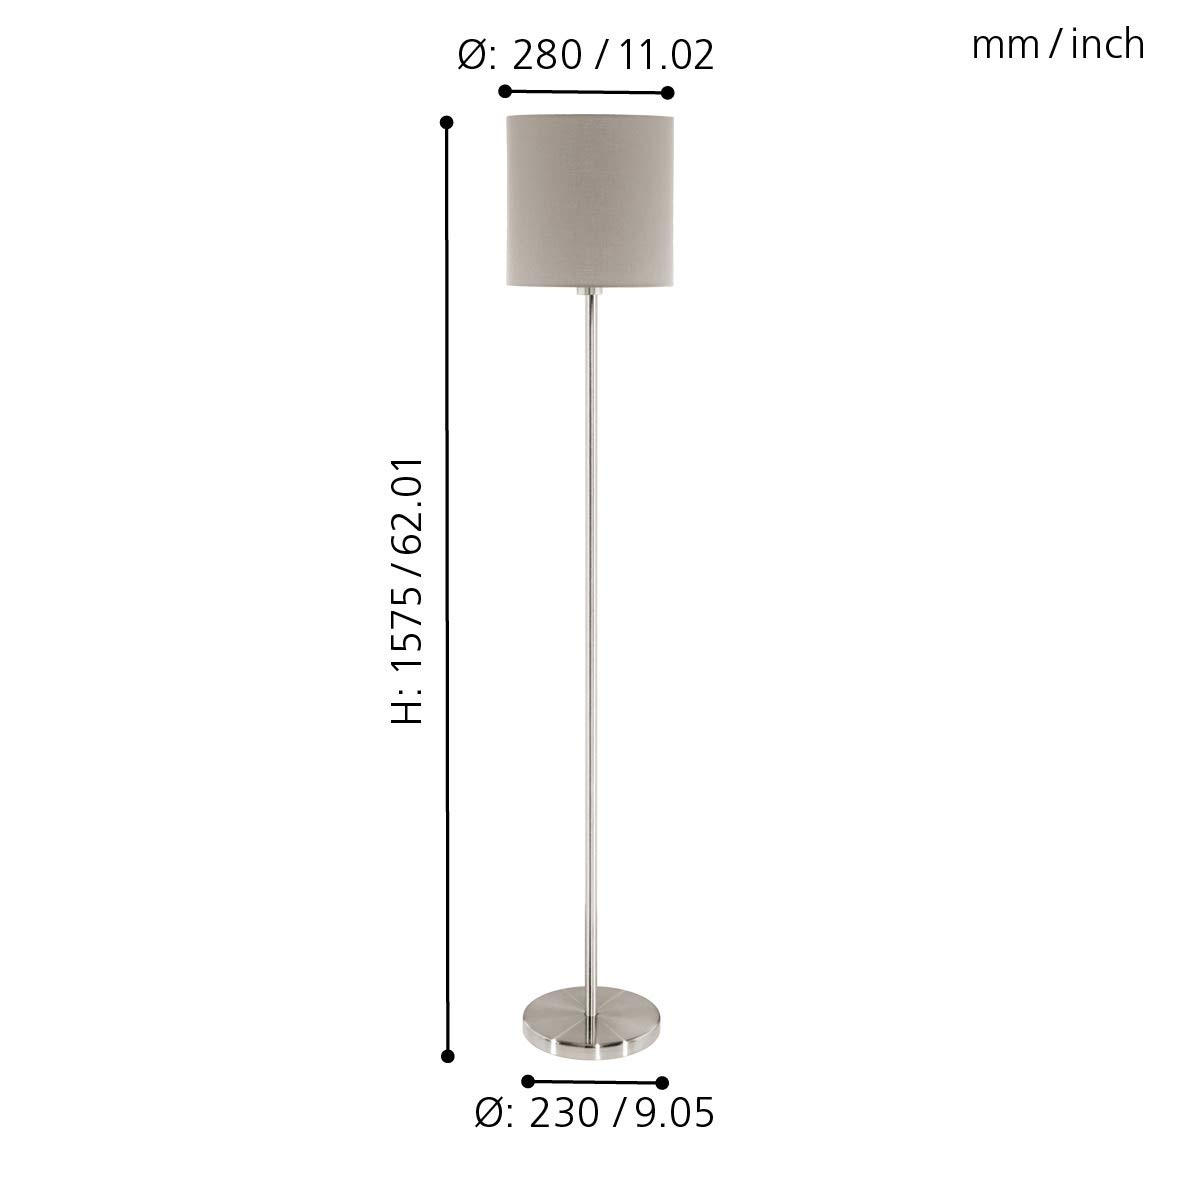 Standleuchte aus Stahl und Stoff EGLO Stehlampe Pasteri 1 flammige Textil Stehleuchte inkl Farbe: Nickel matt Fassung: E27 wei/ß Fu/ßschalter